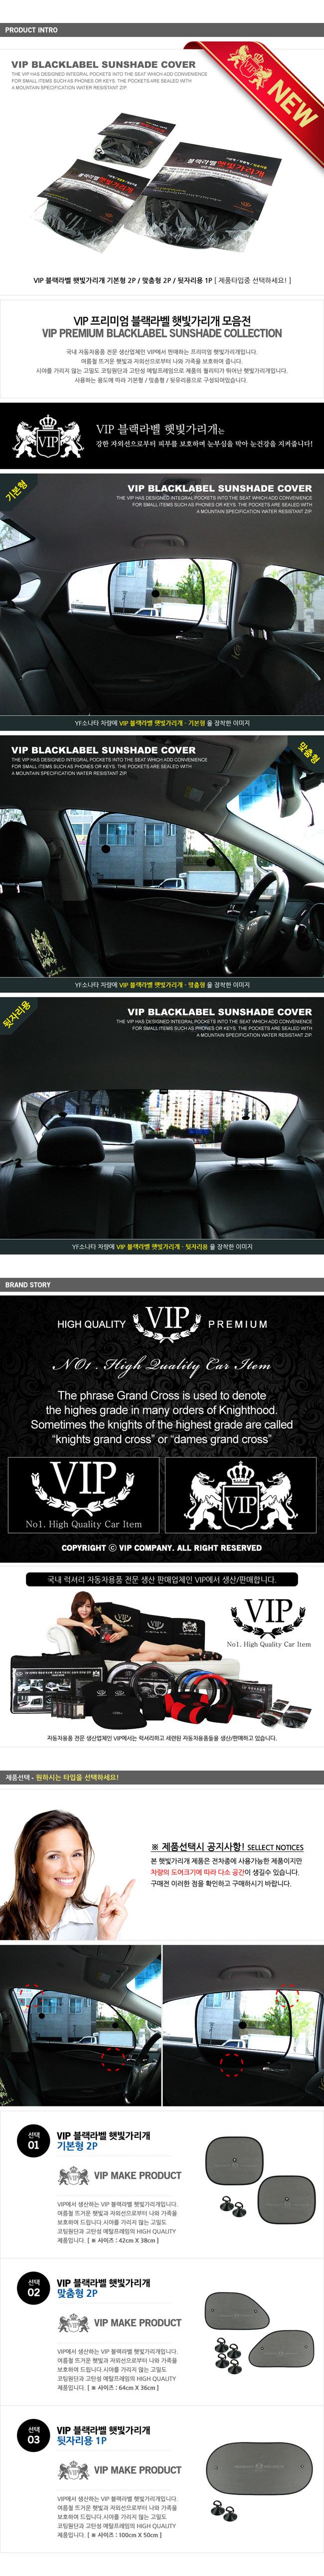 VIP 프리미엄 블랙라벨 햇빛가리개/기본형,맞춤형,뒷자리용